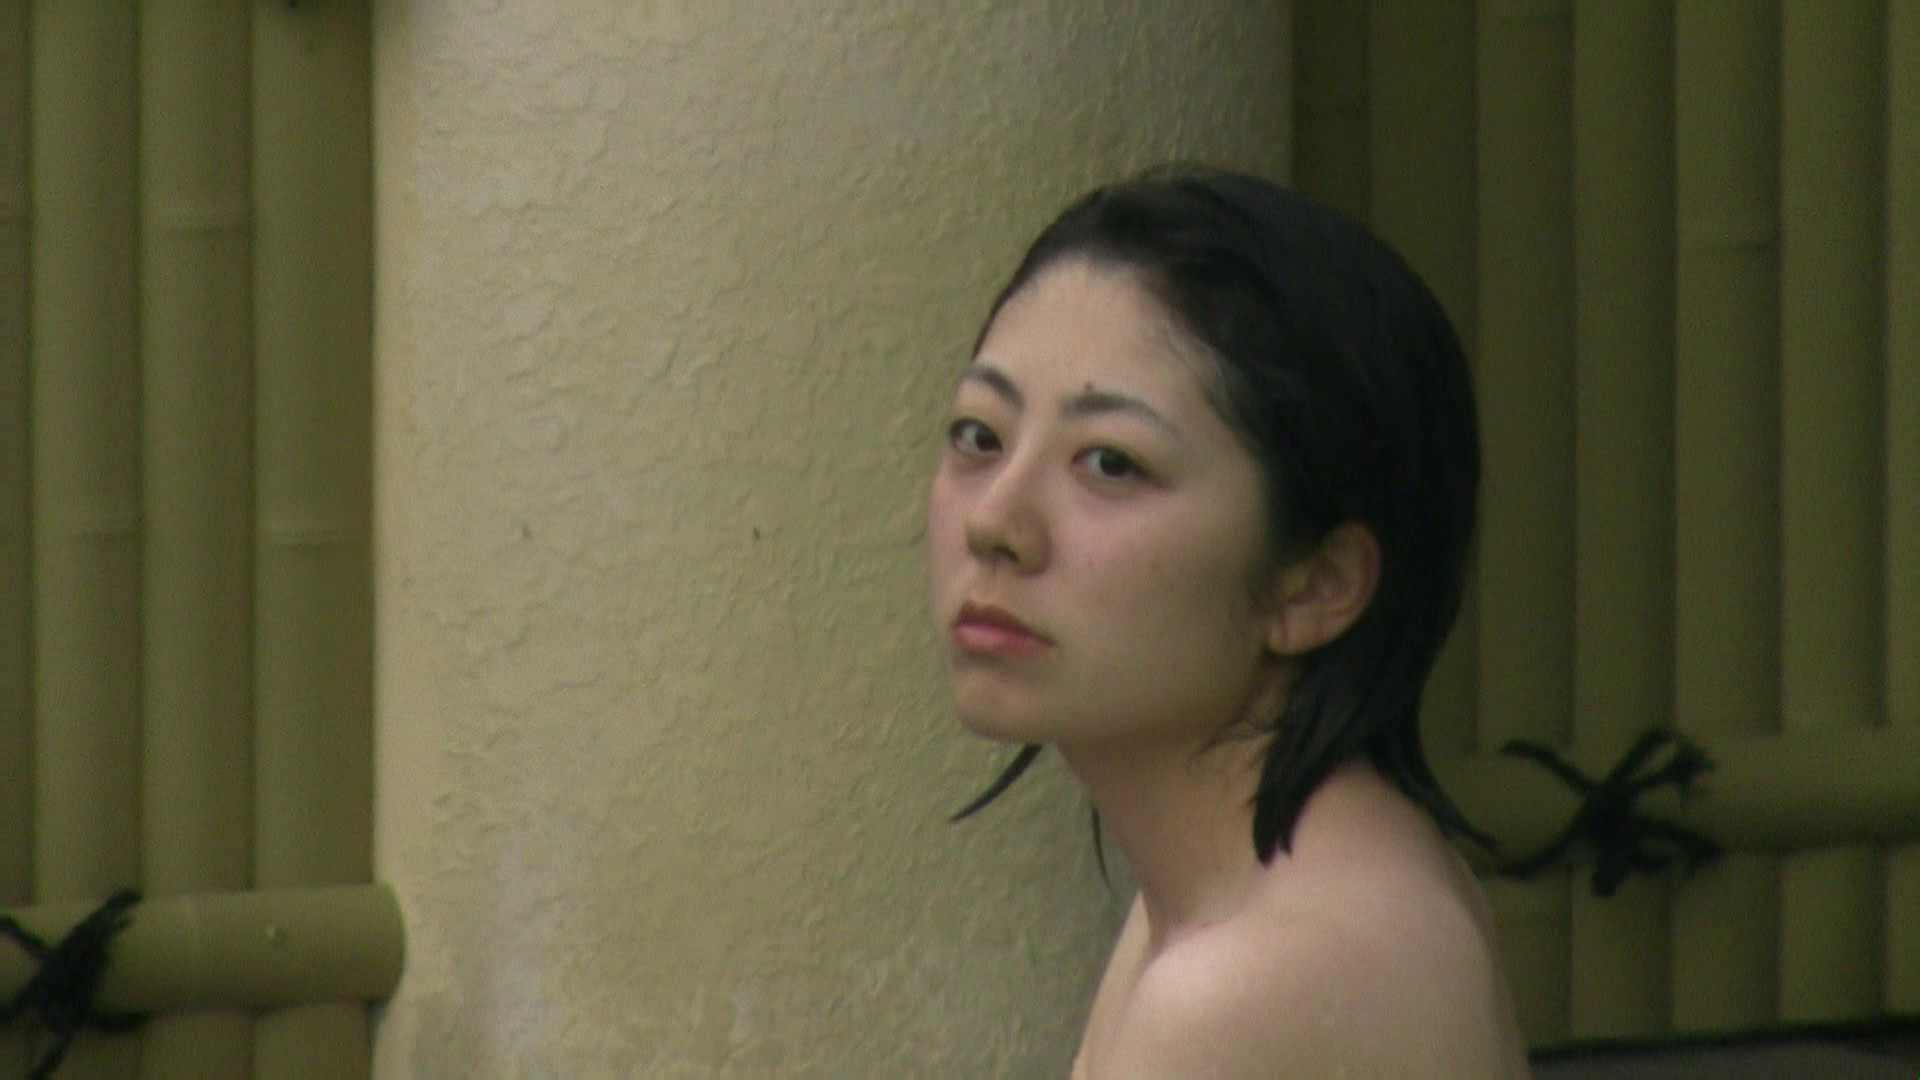 Aquaな露天風呂Vol.04 エッチな盗撮 おまんこ動画流出 84pic 23